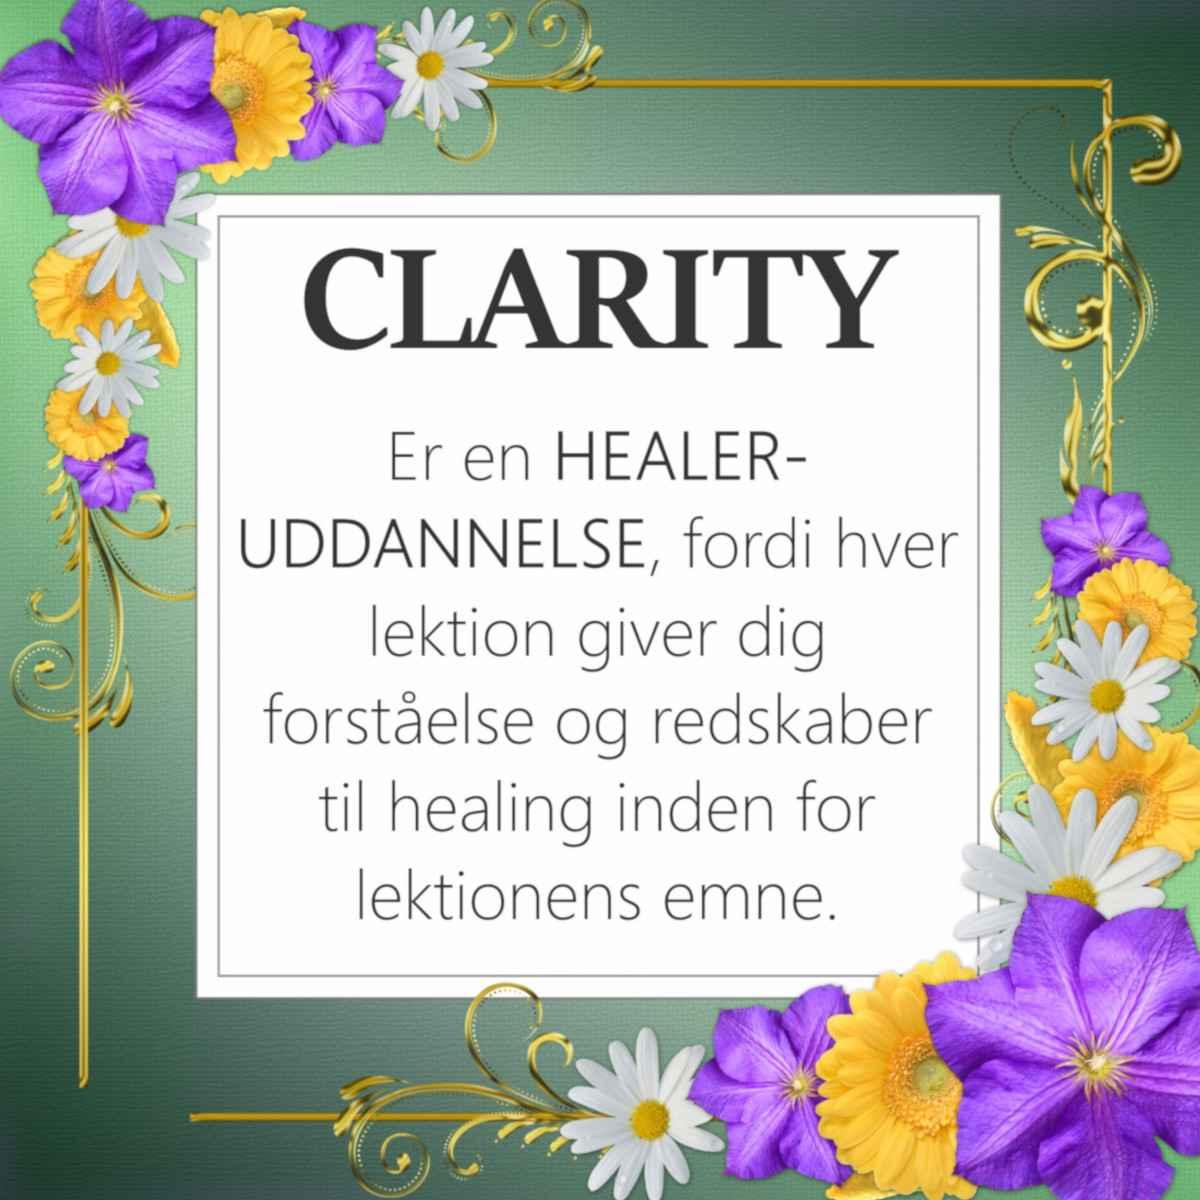 2049-clarity-tekst-kvadratisk-healeruddannelse-1200x1200